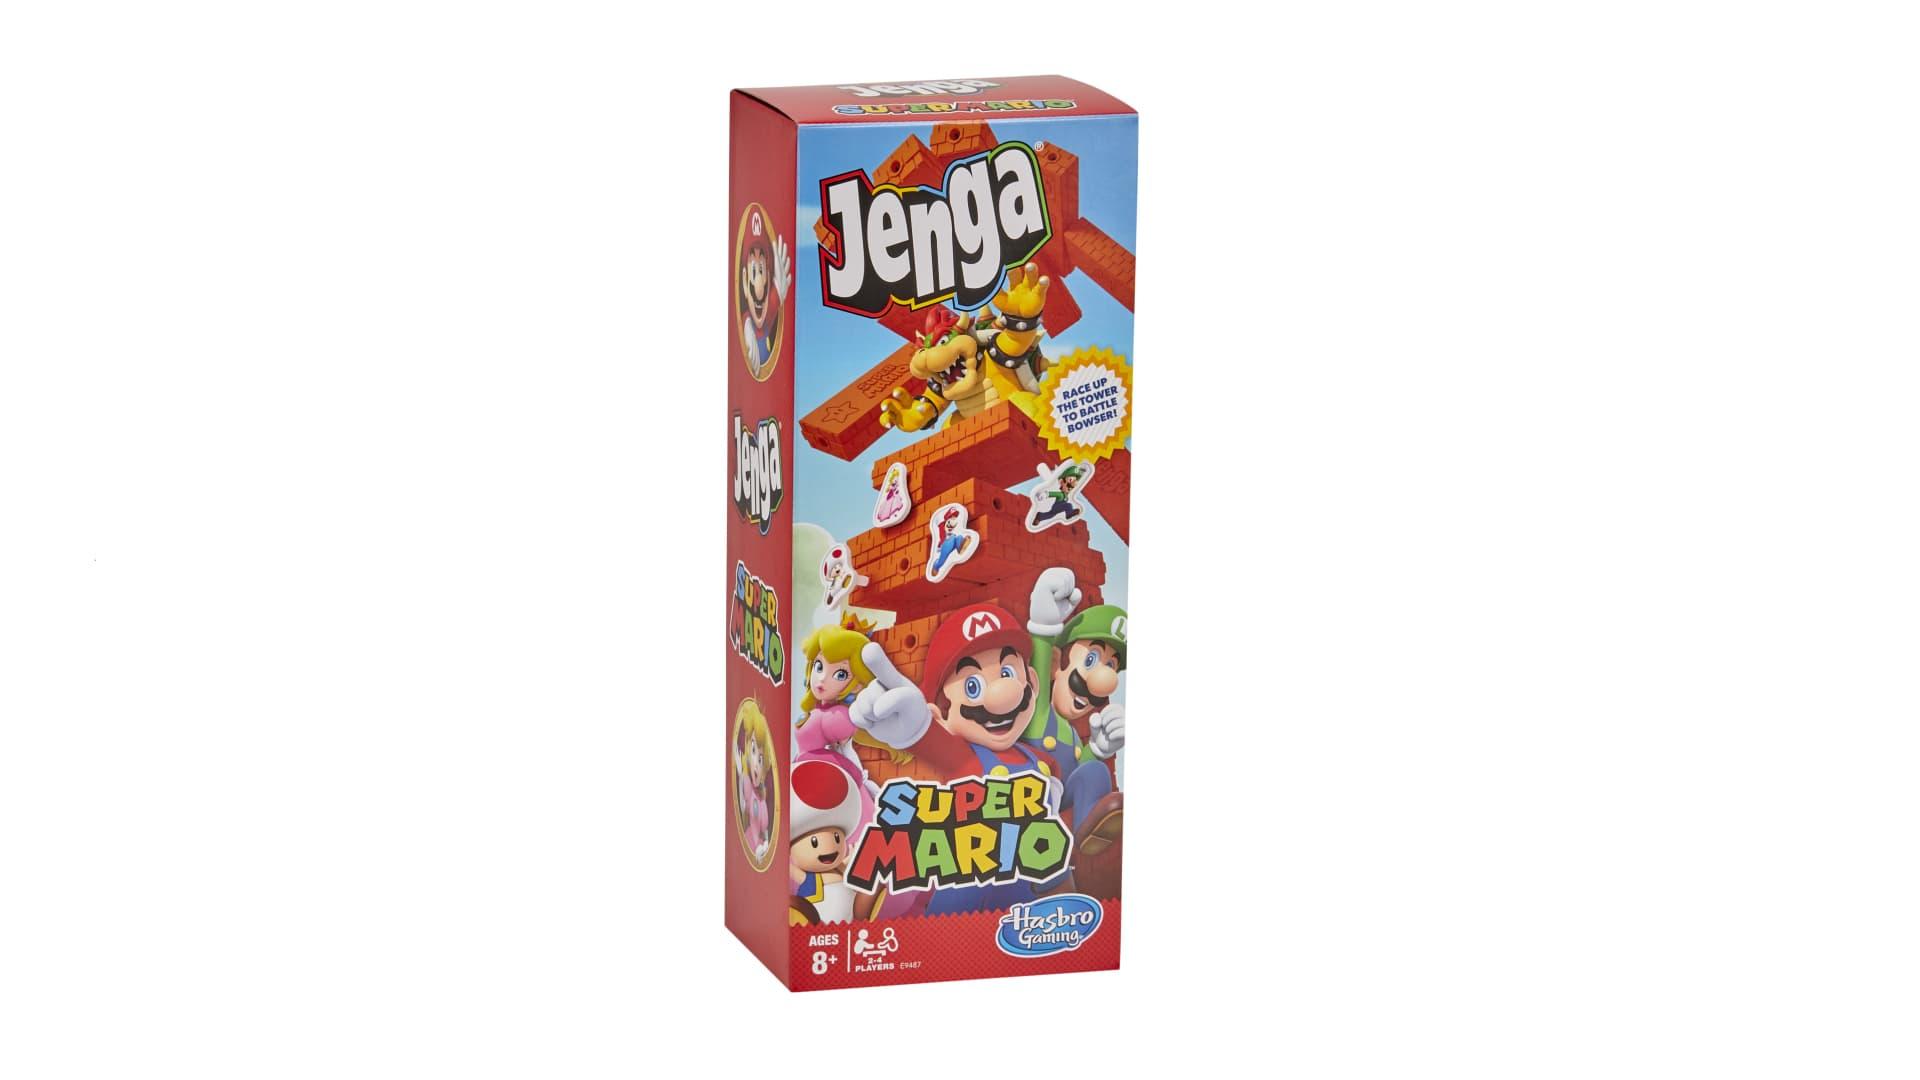 Jenga Super Mario from Hasbro